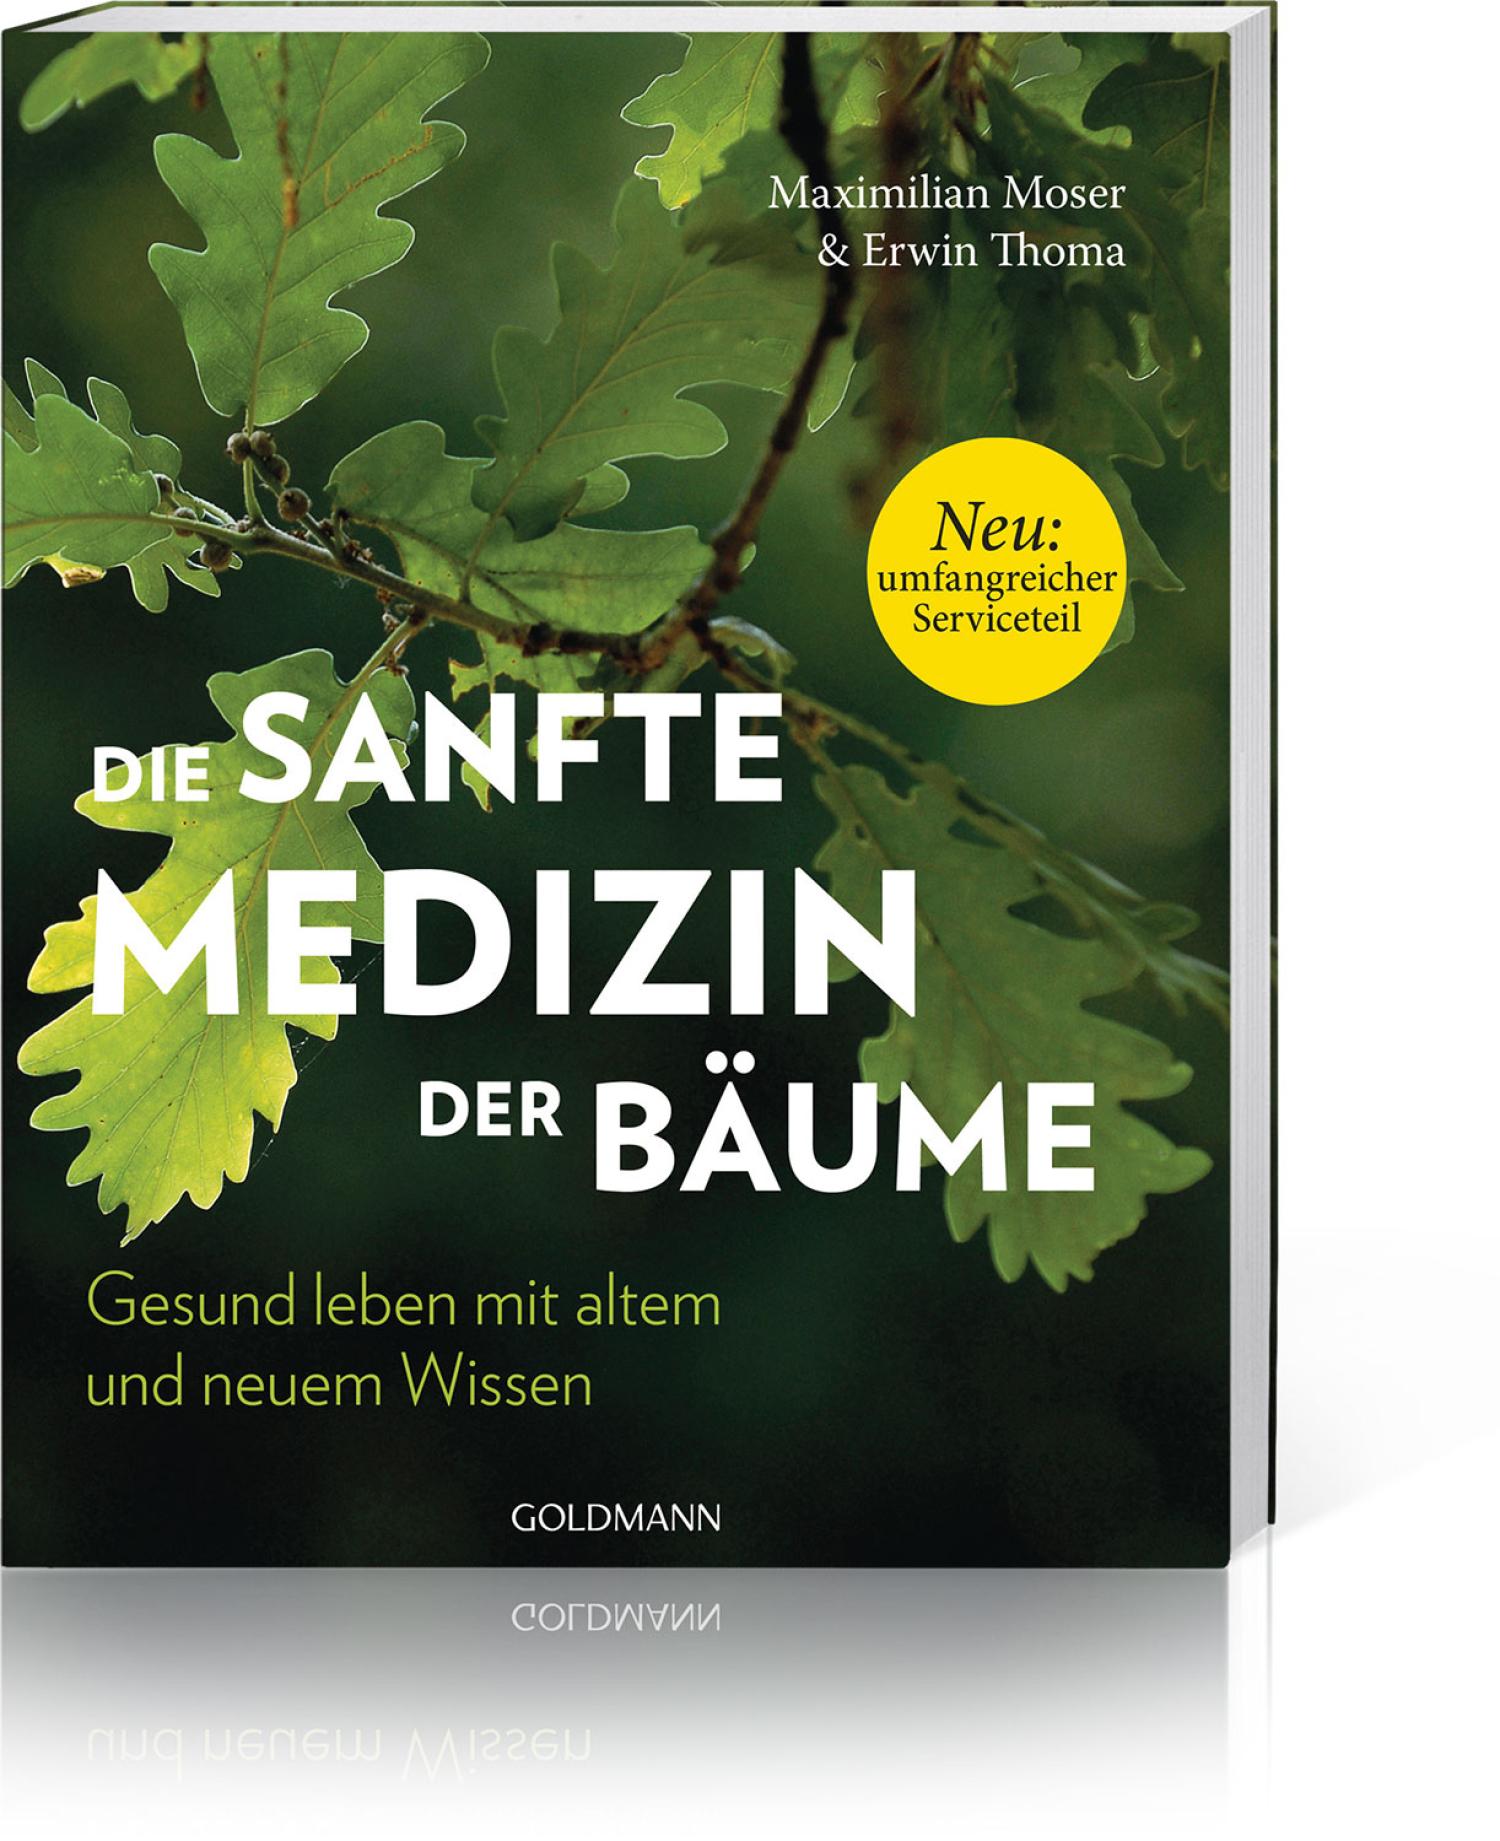 Die sanfte Medizin der Bäume, Produktbild 1